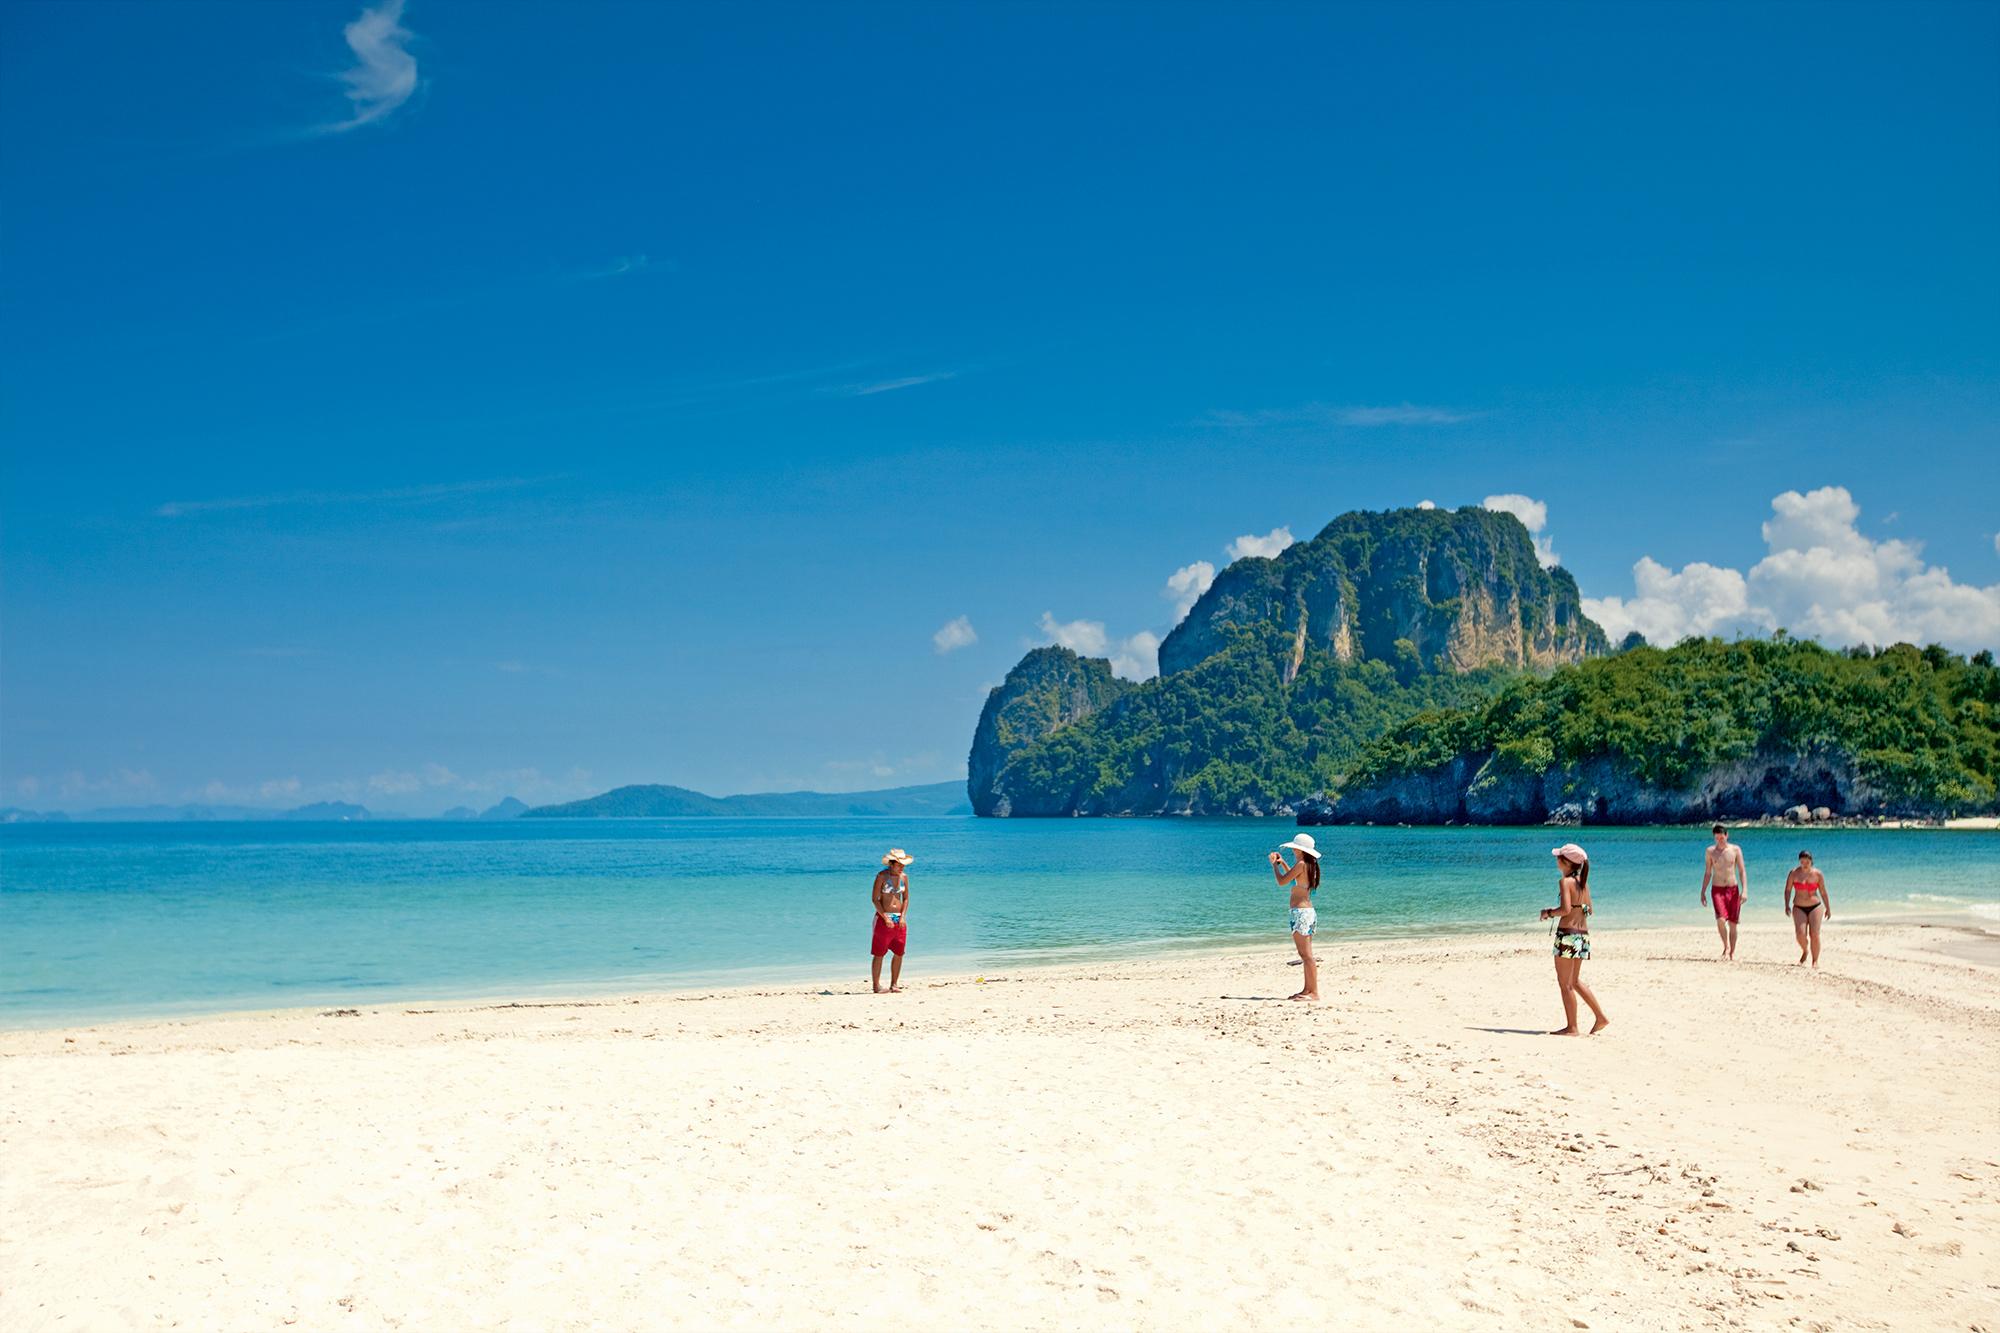 Badeurlaub Gunstiger Urlaub Am Meer Strandurlaub Buchen Tui Com